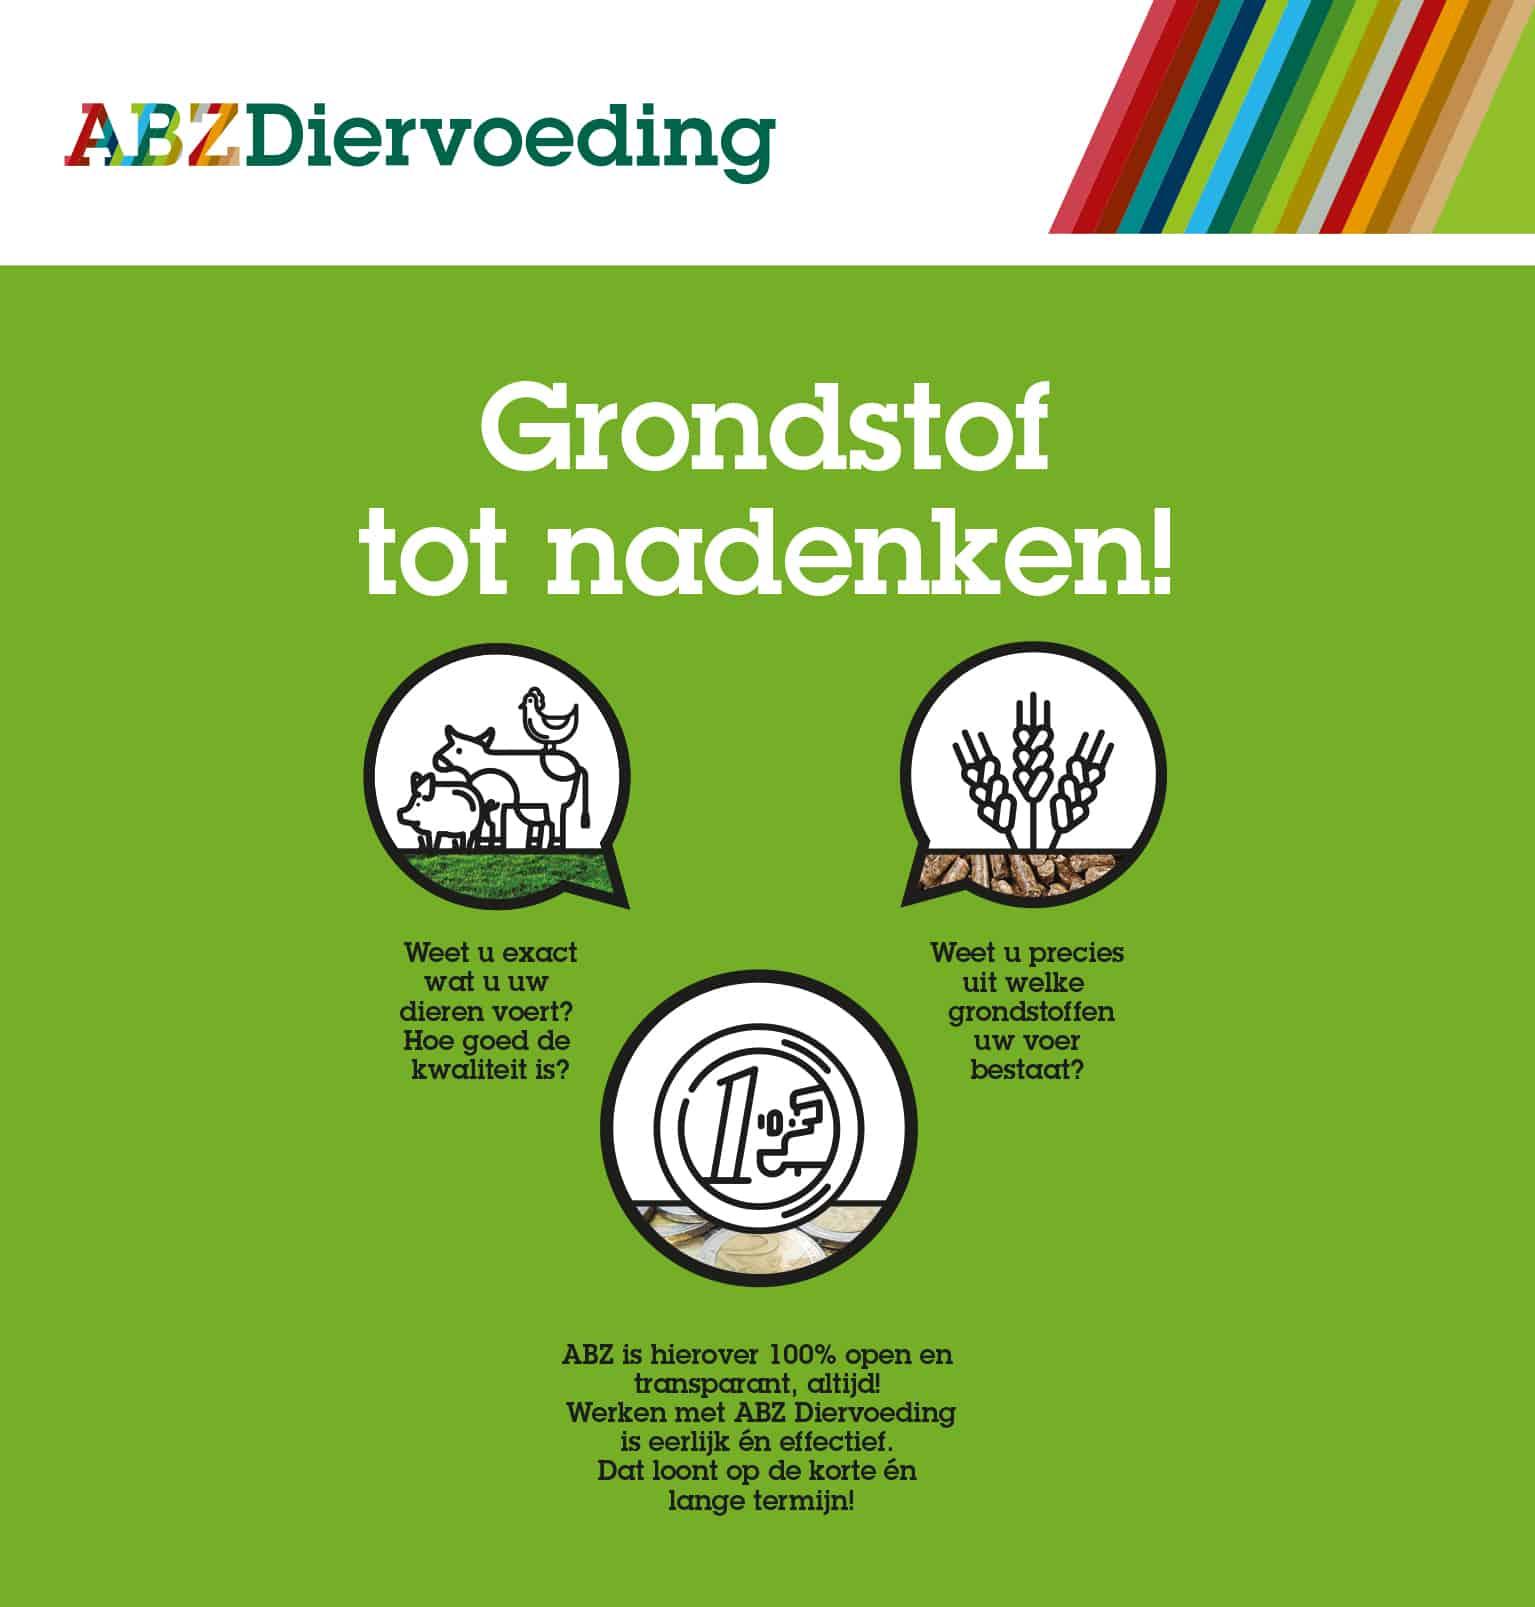 Veevoeders Diervoeding Samenwerken met ABZ Diervoeding / dat loont